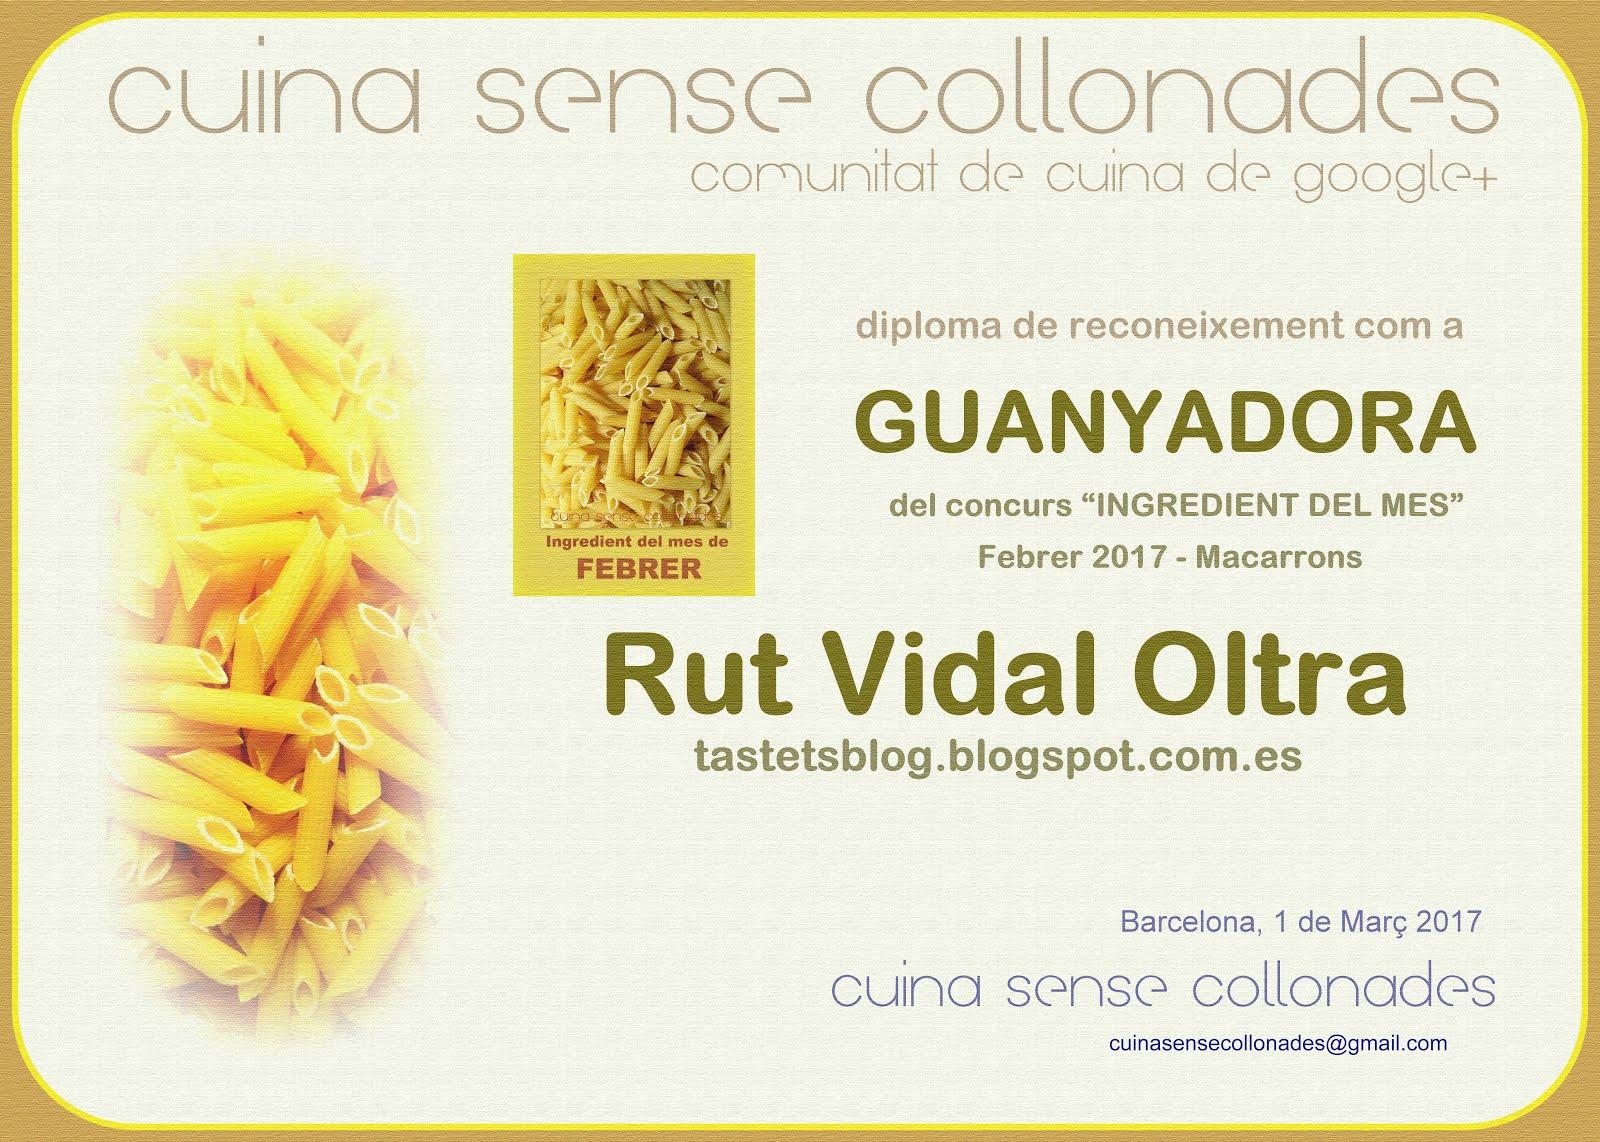 """Guanyadora del concurs """"Ingredient del mes, macarrons"""" de Cuina sense collonades el febrer de 2017"""